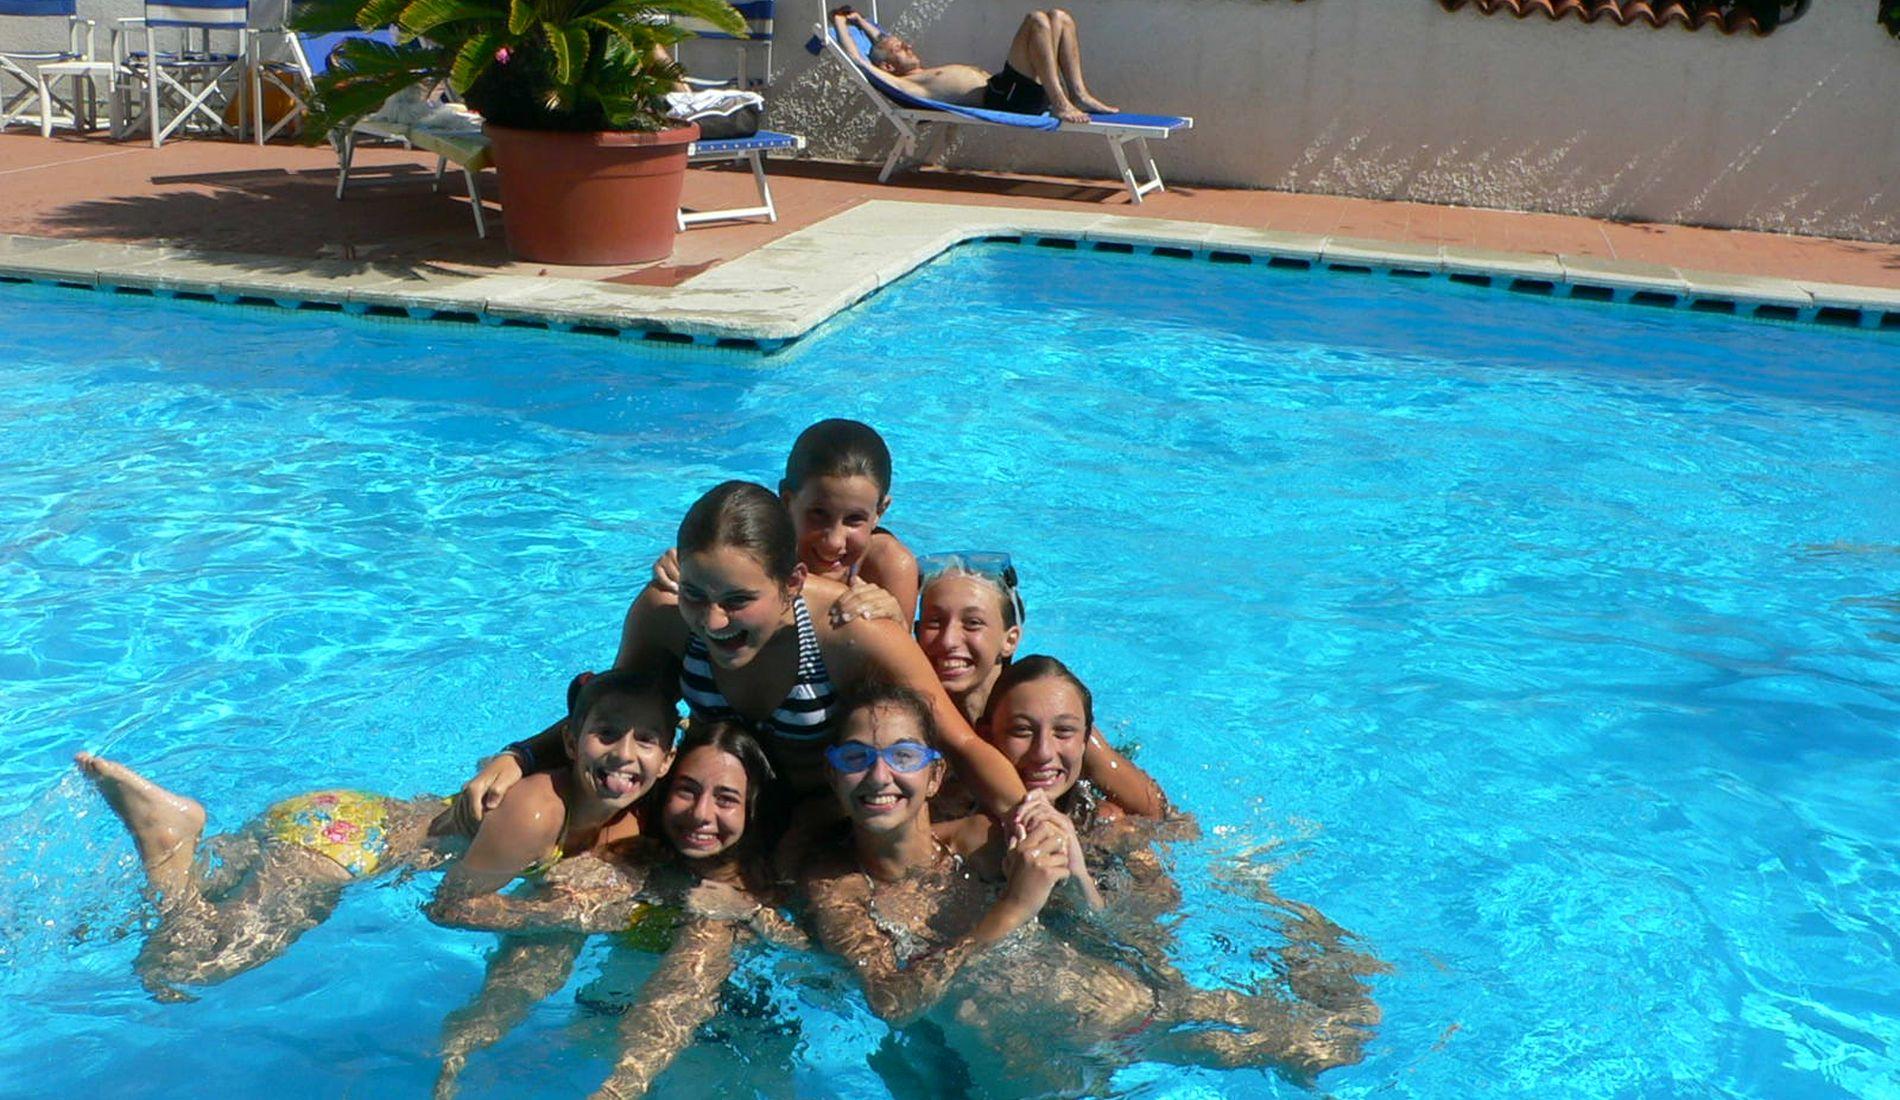 Hotel mit schwimmbad diano marina ligurien hotels das for Hotel munster mit schwimmbad